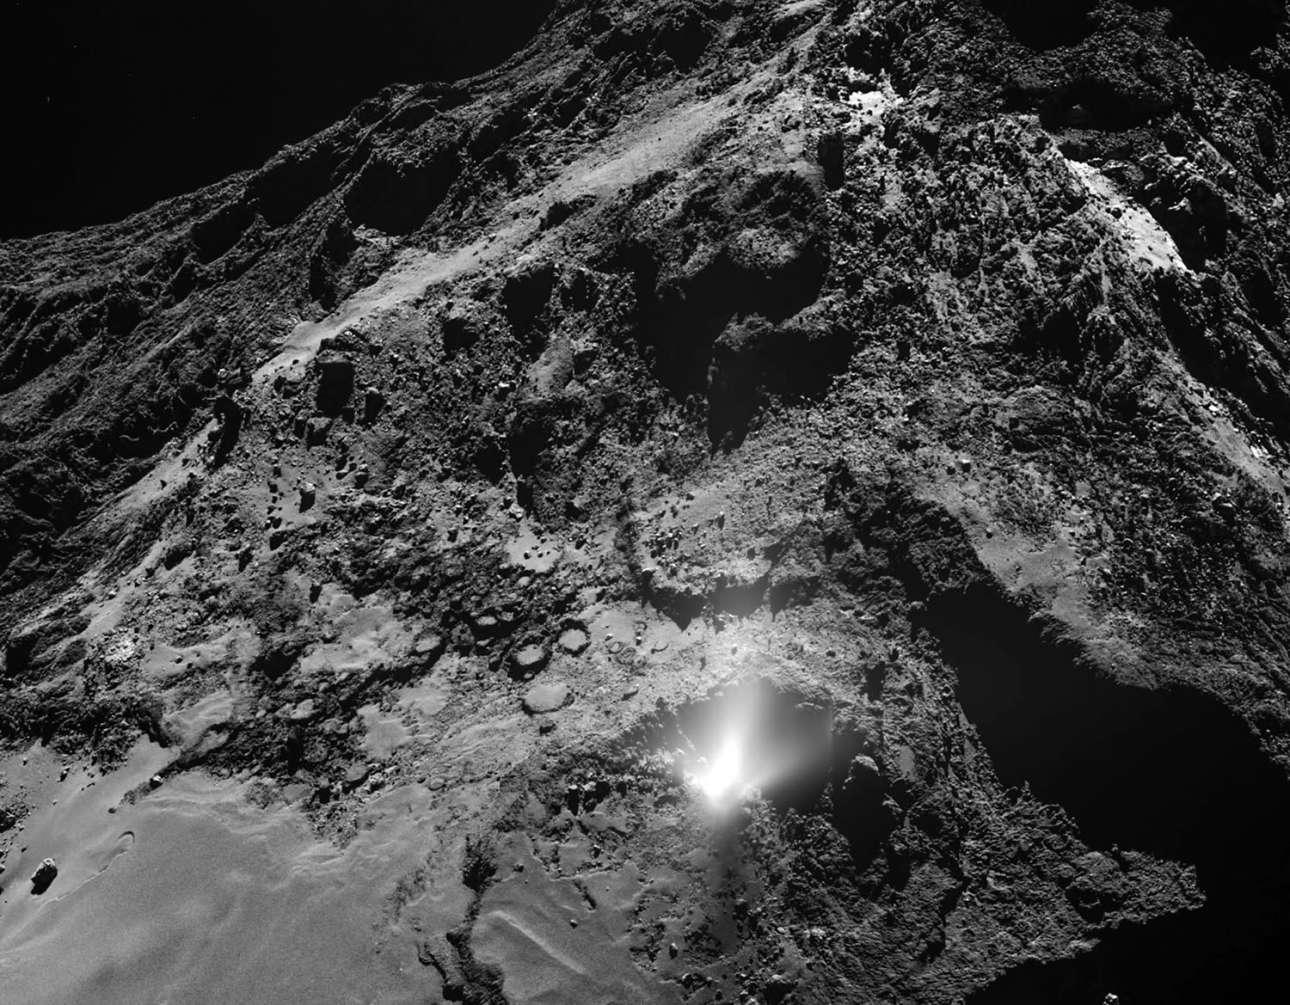 Πυκνό νέφος σκόνης (στο κάτω μέρος της φωτογραφίας) από τον κομήτη 67P/Churyumov-Gerasimenko, εντοπίστηκε στις 3 Ιουλίου 2016 μπροστά από τον ευρυγώνιο φακό της μηχανής της Ευρωπαϊκής Εταιρείας Διαστήματος. Η σκόνη προέρχεται από το πέτρωμα που καταρρέει στη λεκάνη της περιοχής Imhotep, όπως ονομάζεται